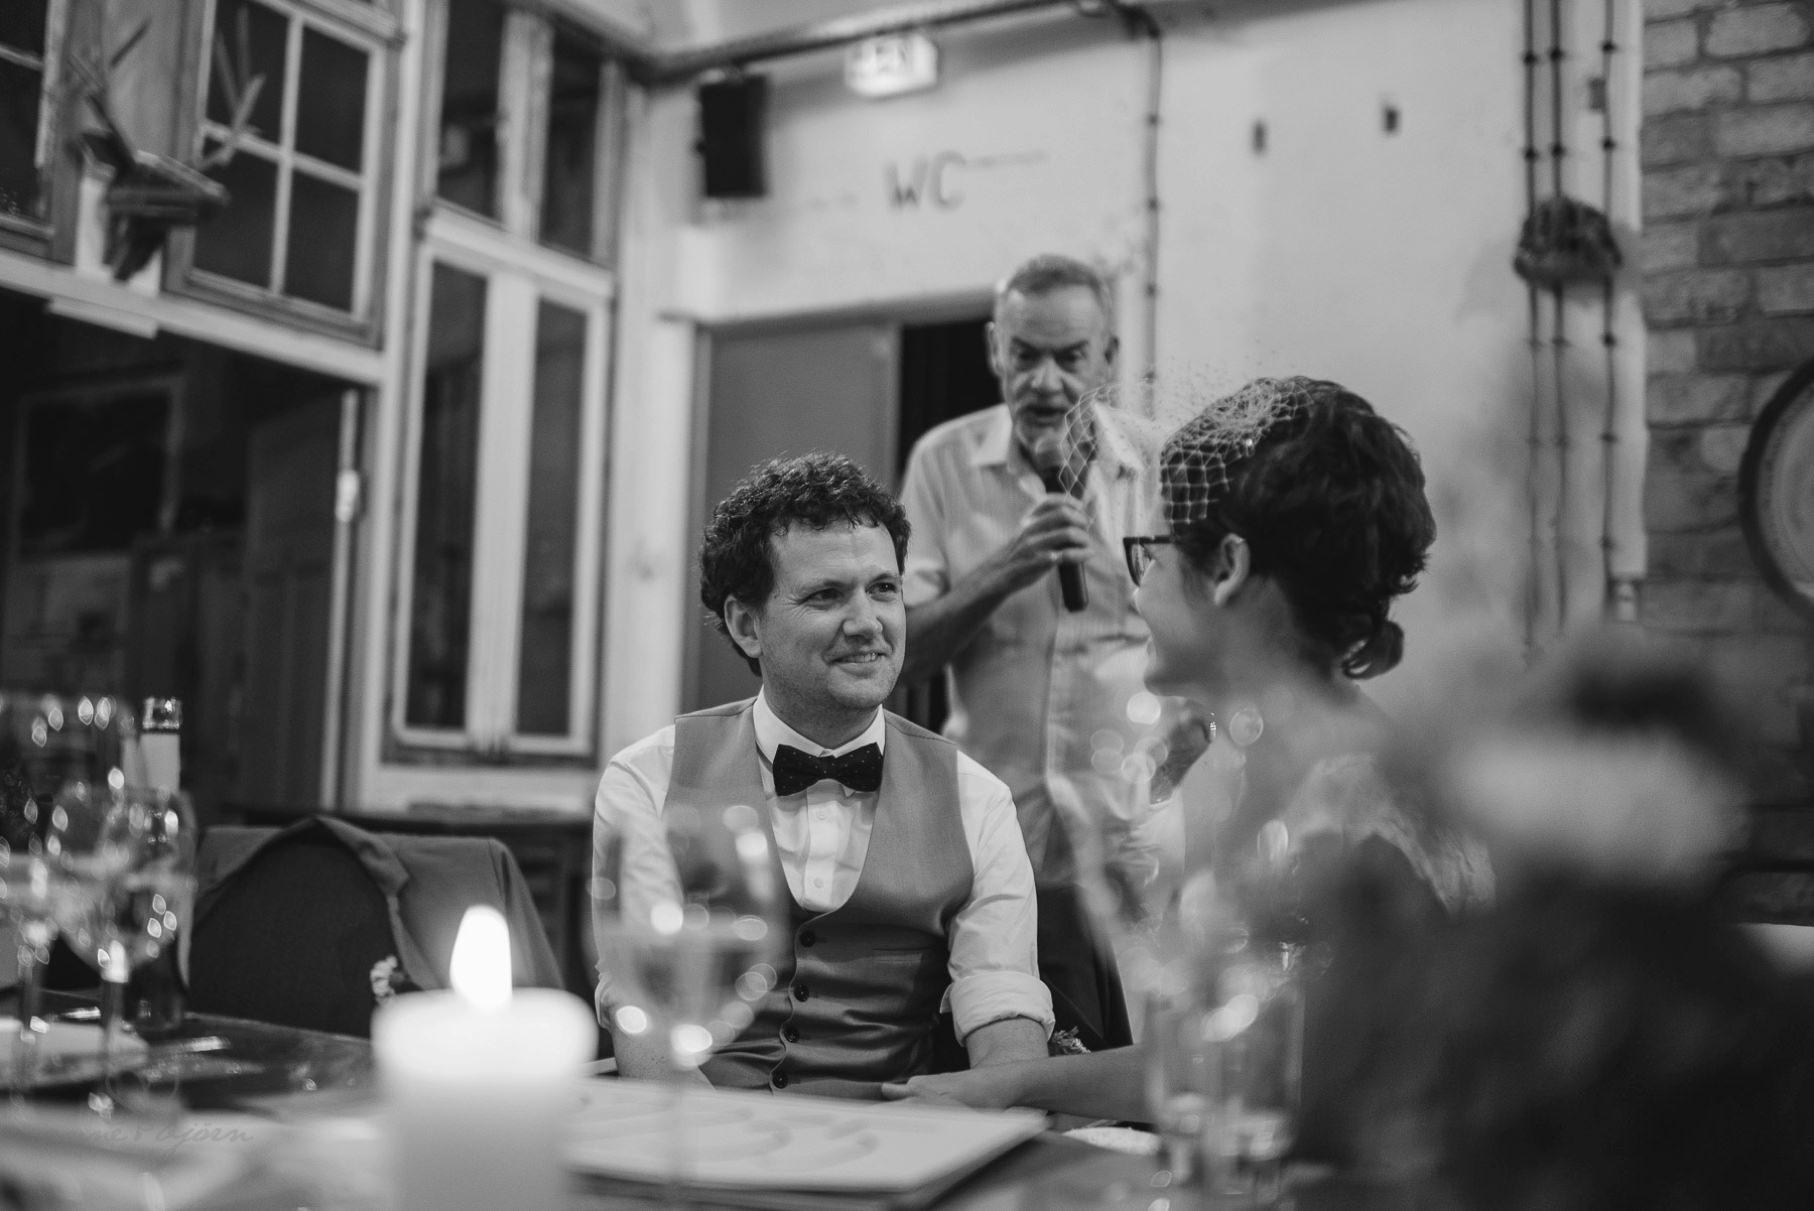 0089 sylwiaundchris d76 5291 - Bunte DIY Hochzeit in der Fabrik 23 - Berlin